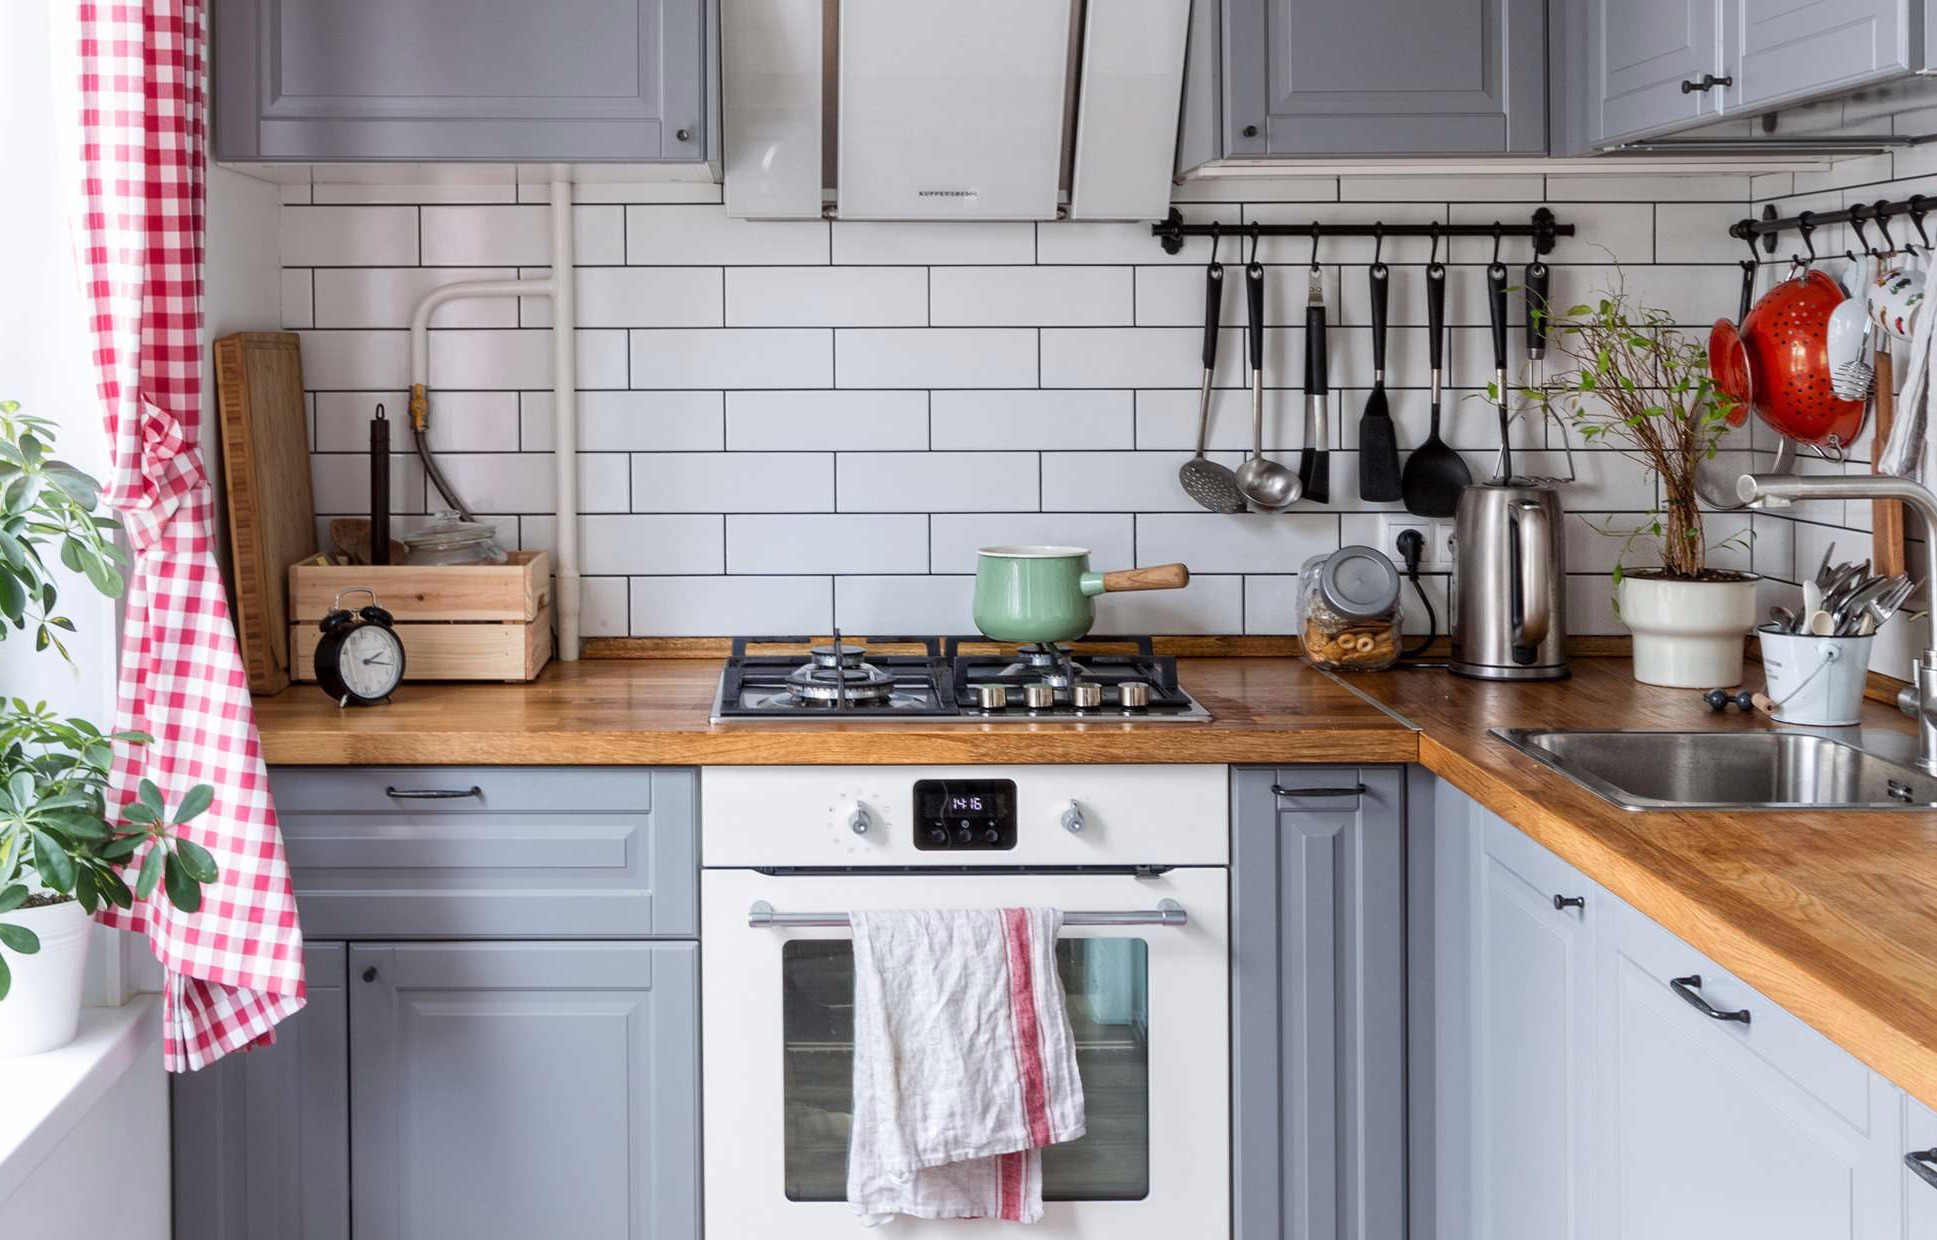 Дизайн крошечной кухни в хрущевке и еще 9 хитов апреля